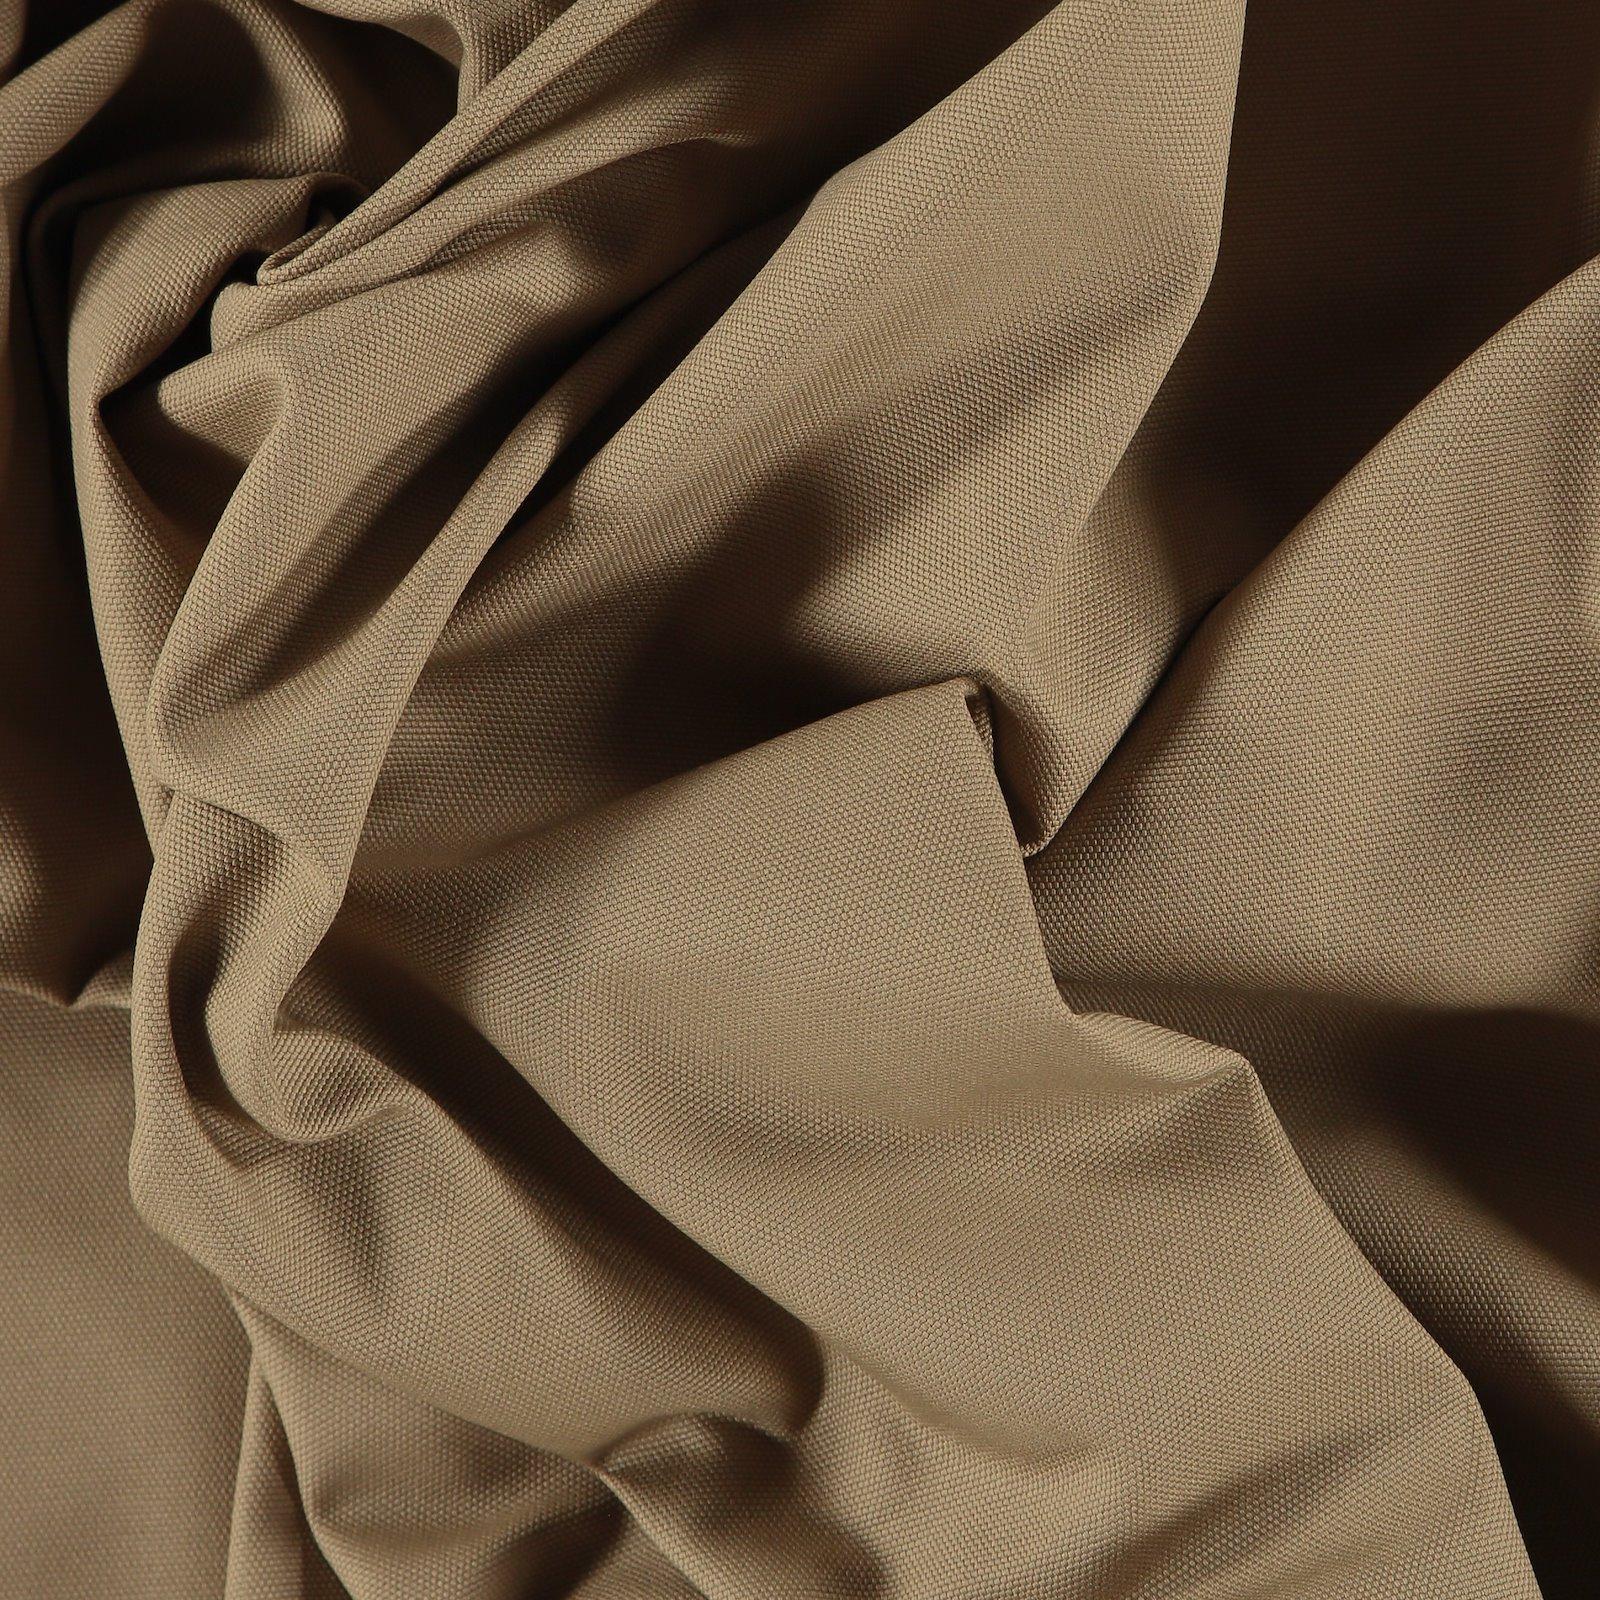 Cotton canvas dark beige